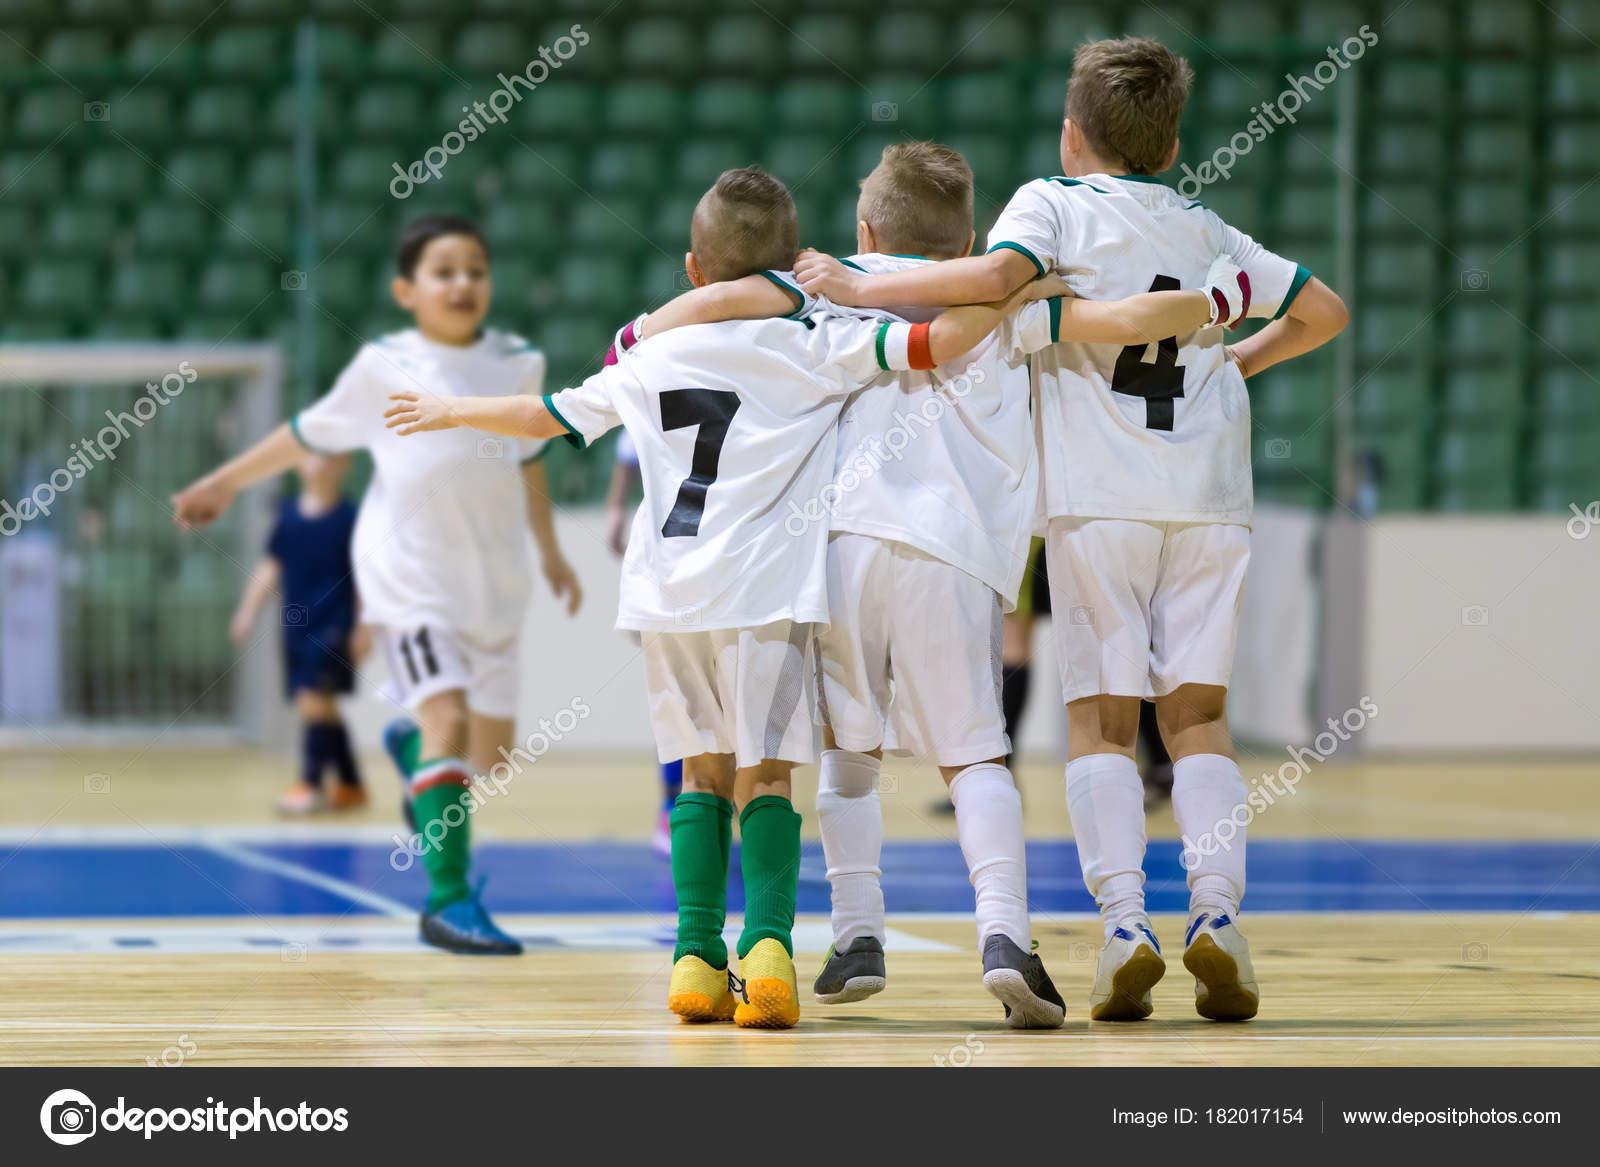 Futbol günü: Oyunun tarihi ve kutlama tarihi